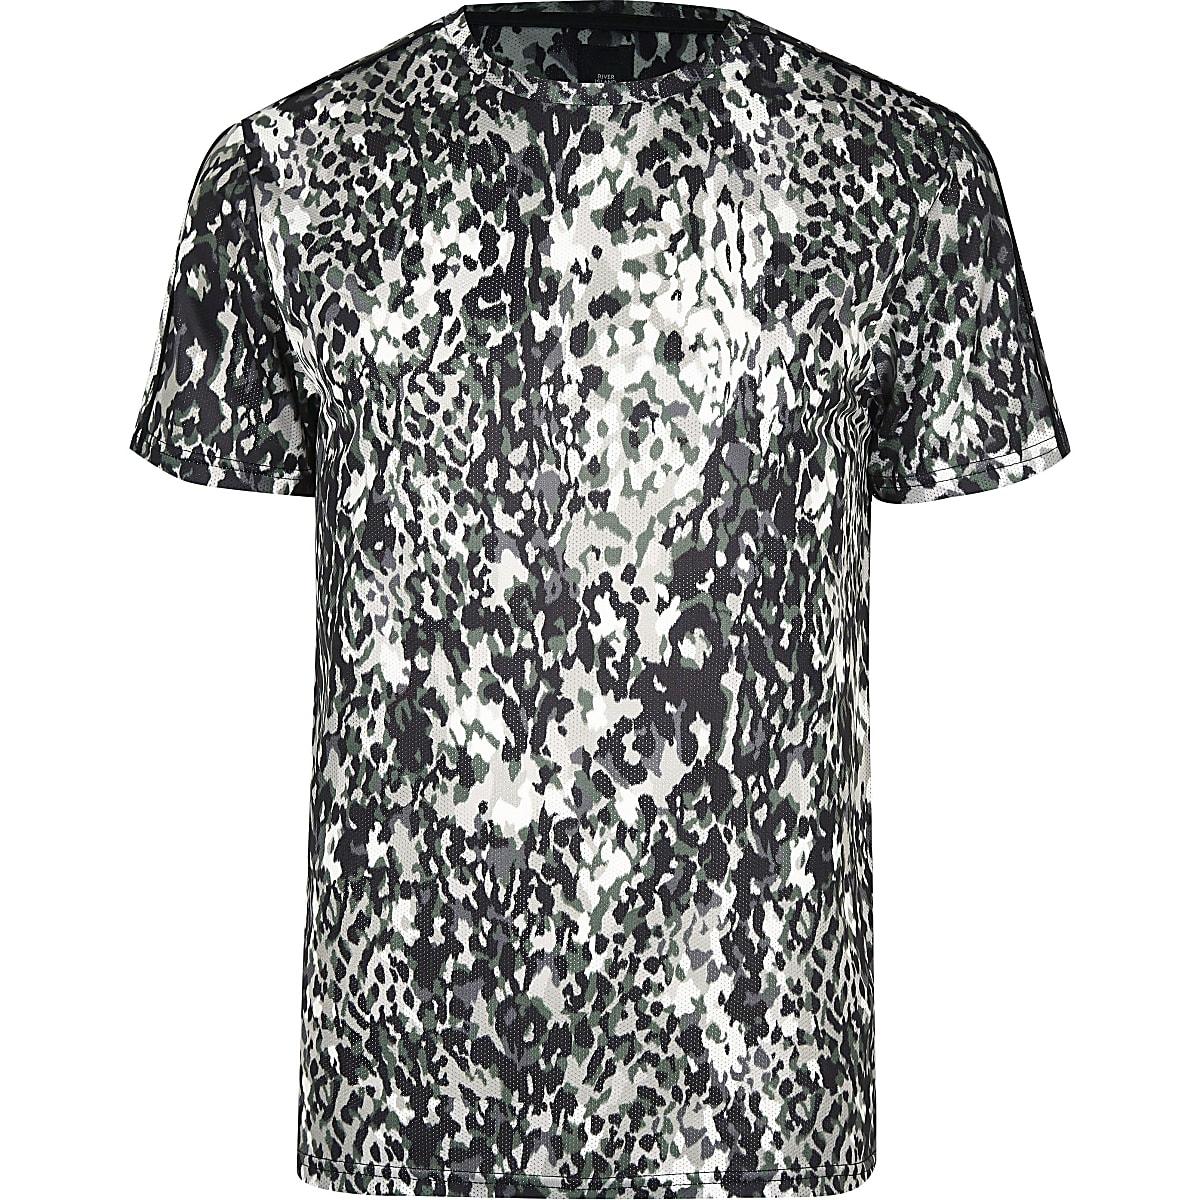 Big & Tall – Slim T-Shirt in Khaki mit Animal-Print